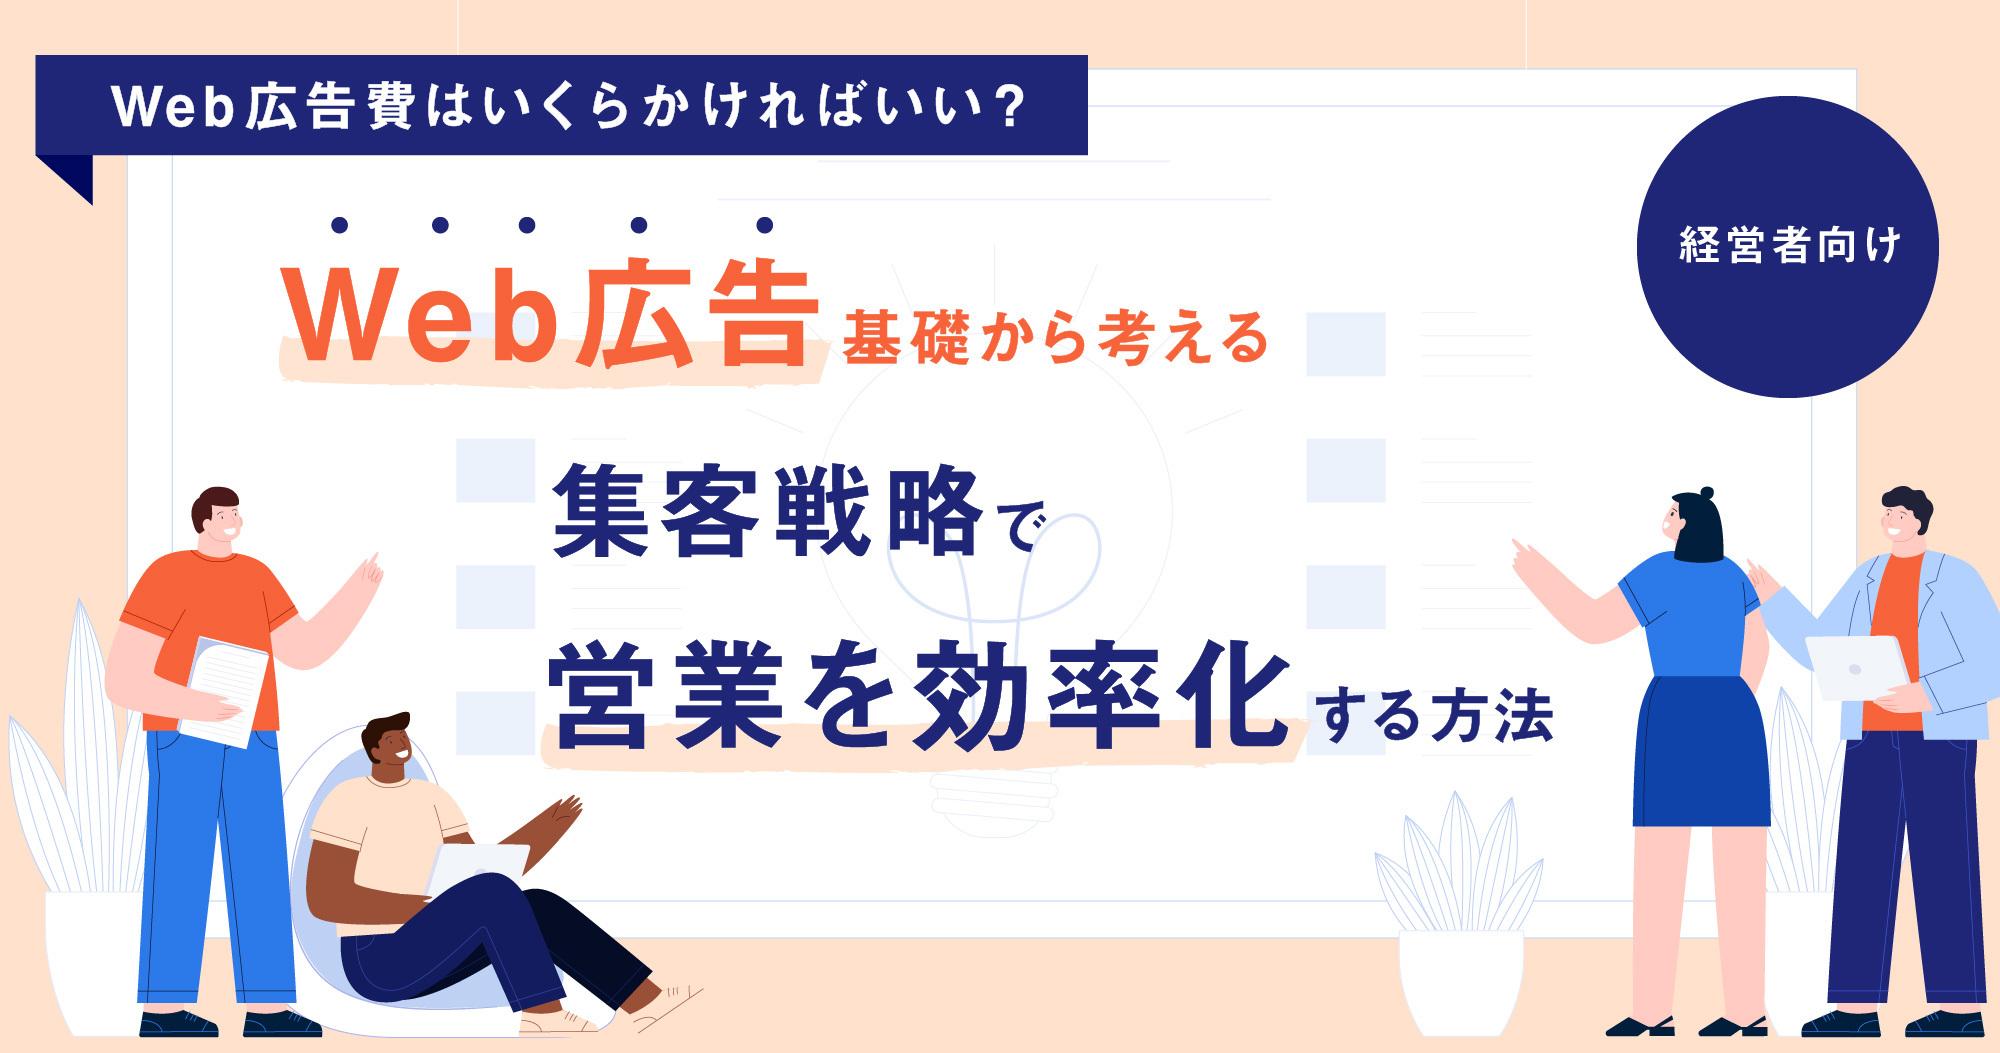 【3月2日(火)】[経営者向け]Web広告費はいくらかければいい?Web広告基礎から考える集客戦略で営業を効率化する方法